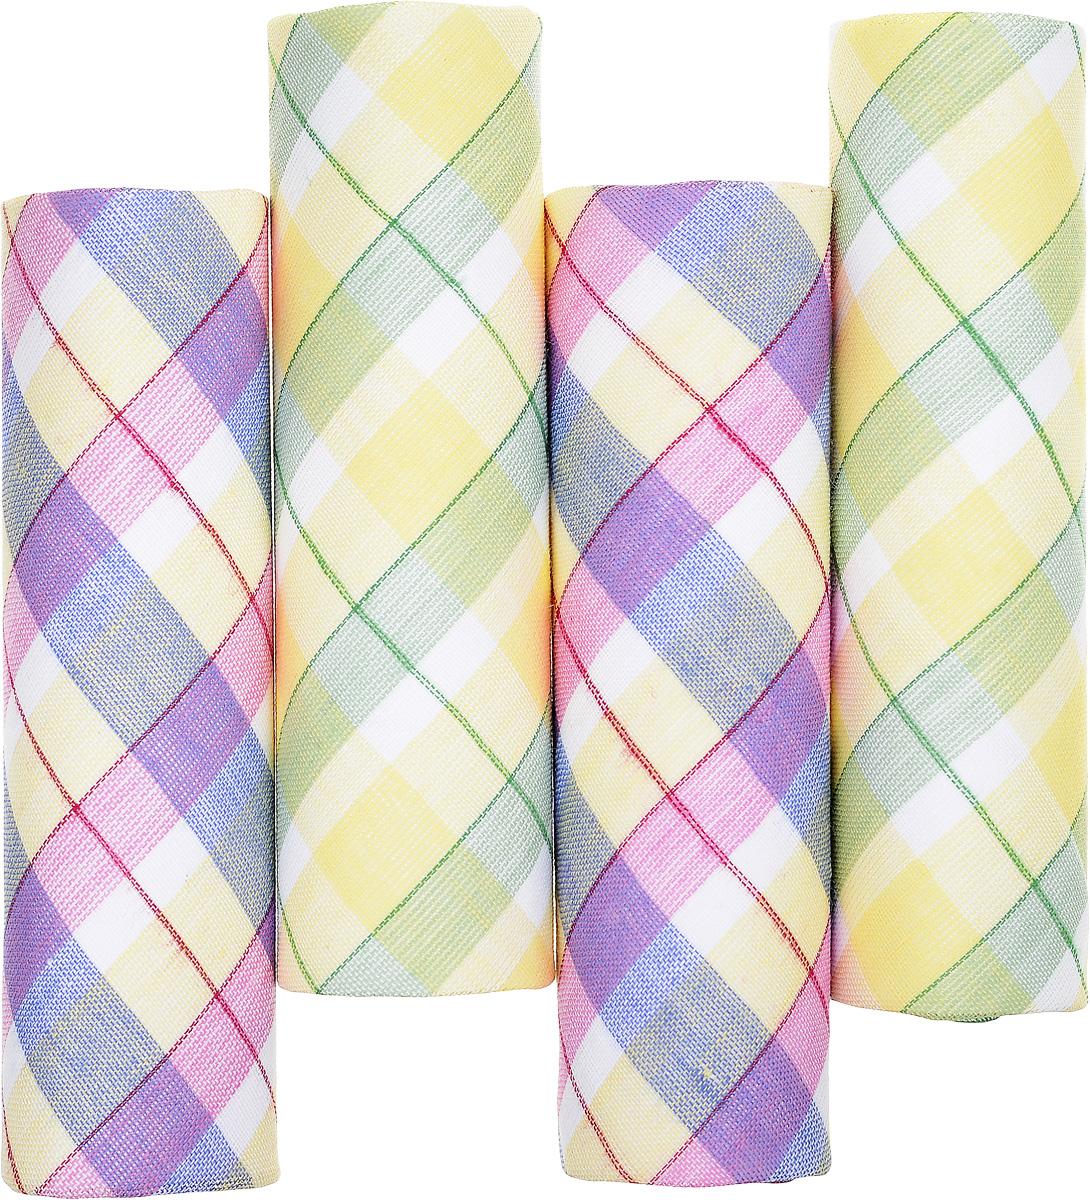 Платок носовой женский Zlata Korunka, цвет: желтый, зеленый, розовый. 71420-16. Размер 29 х 29 см, 4 шт39864 Серьги с подвескамиНосовой платок Zlata Korunka изготовлен из высококачественного натурального хлопка, благодаря чему приятен в использовании, хорошо стирается, не садится и отлично впитывает влагу. Практичный и изящный носовой платок будет незаменим в повседневной жизни любого современного человека. Такой платок послужит стильным аксессуаром и подчеркнет ваше превосходное чувство вкуса.В комплекте 4 платка.